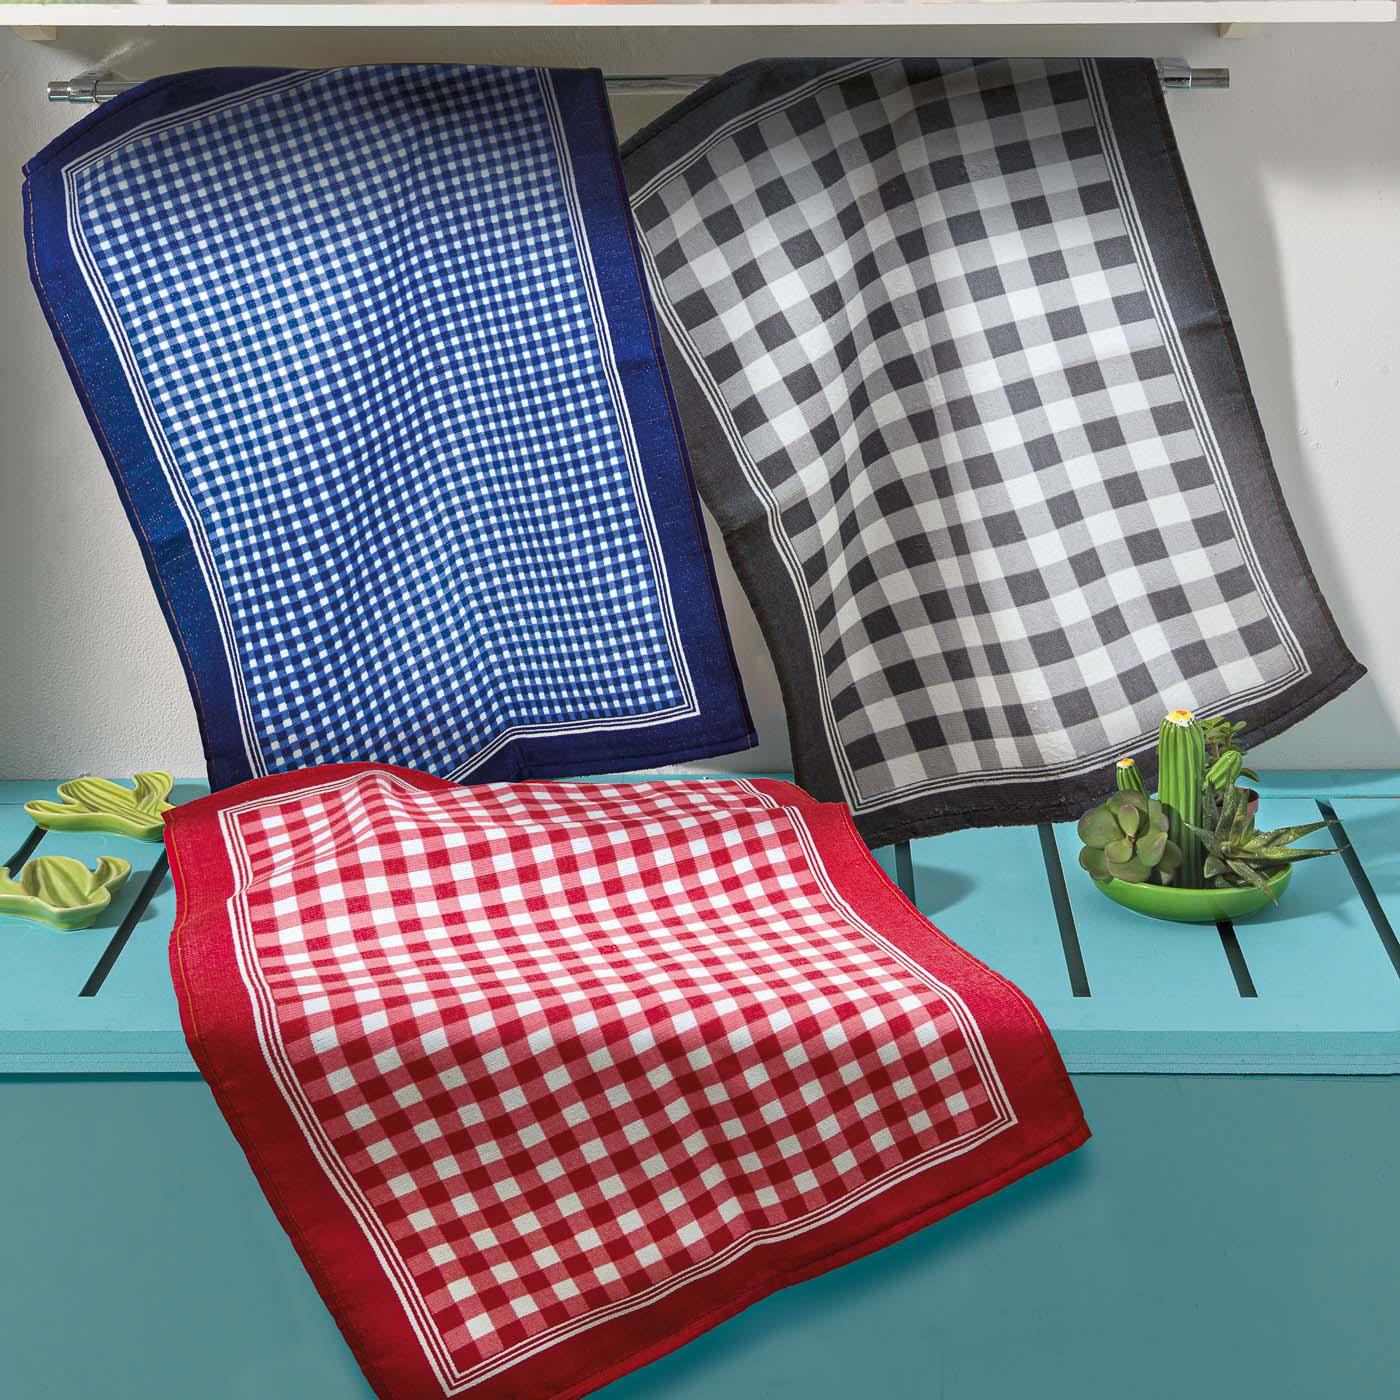 Kit 3 panos de copa felpudo dohler 45x65 cm 100% algodão xadrez 01